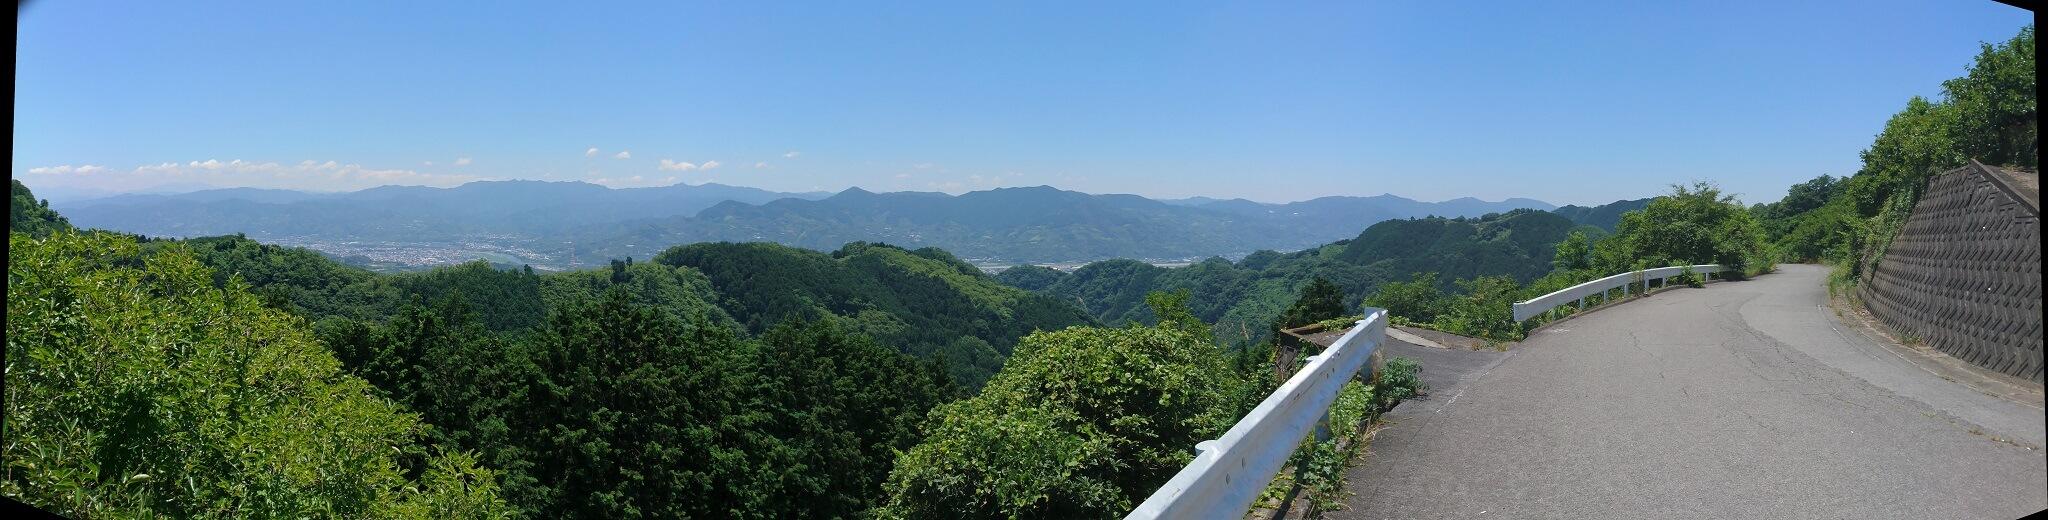 和歌山県側への下り、かつらぎ町のパノラマ